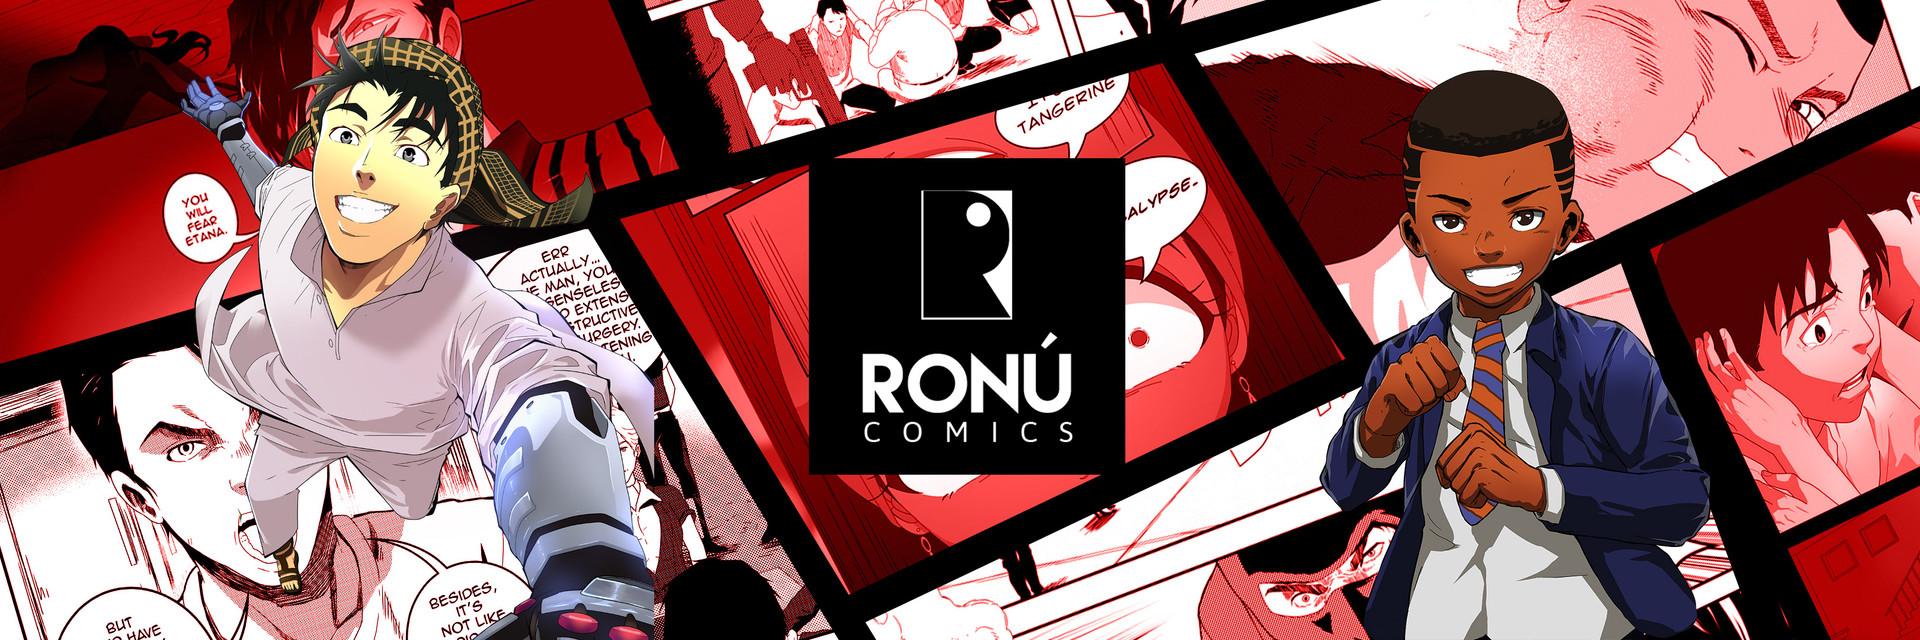 Ronu Comics instagram intro banner